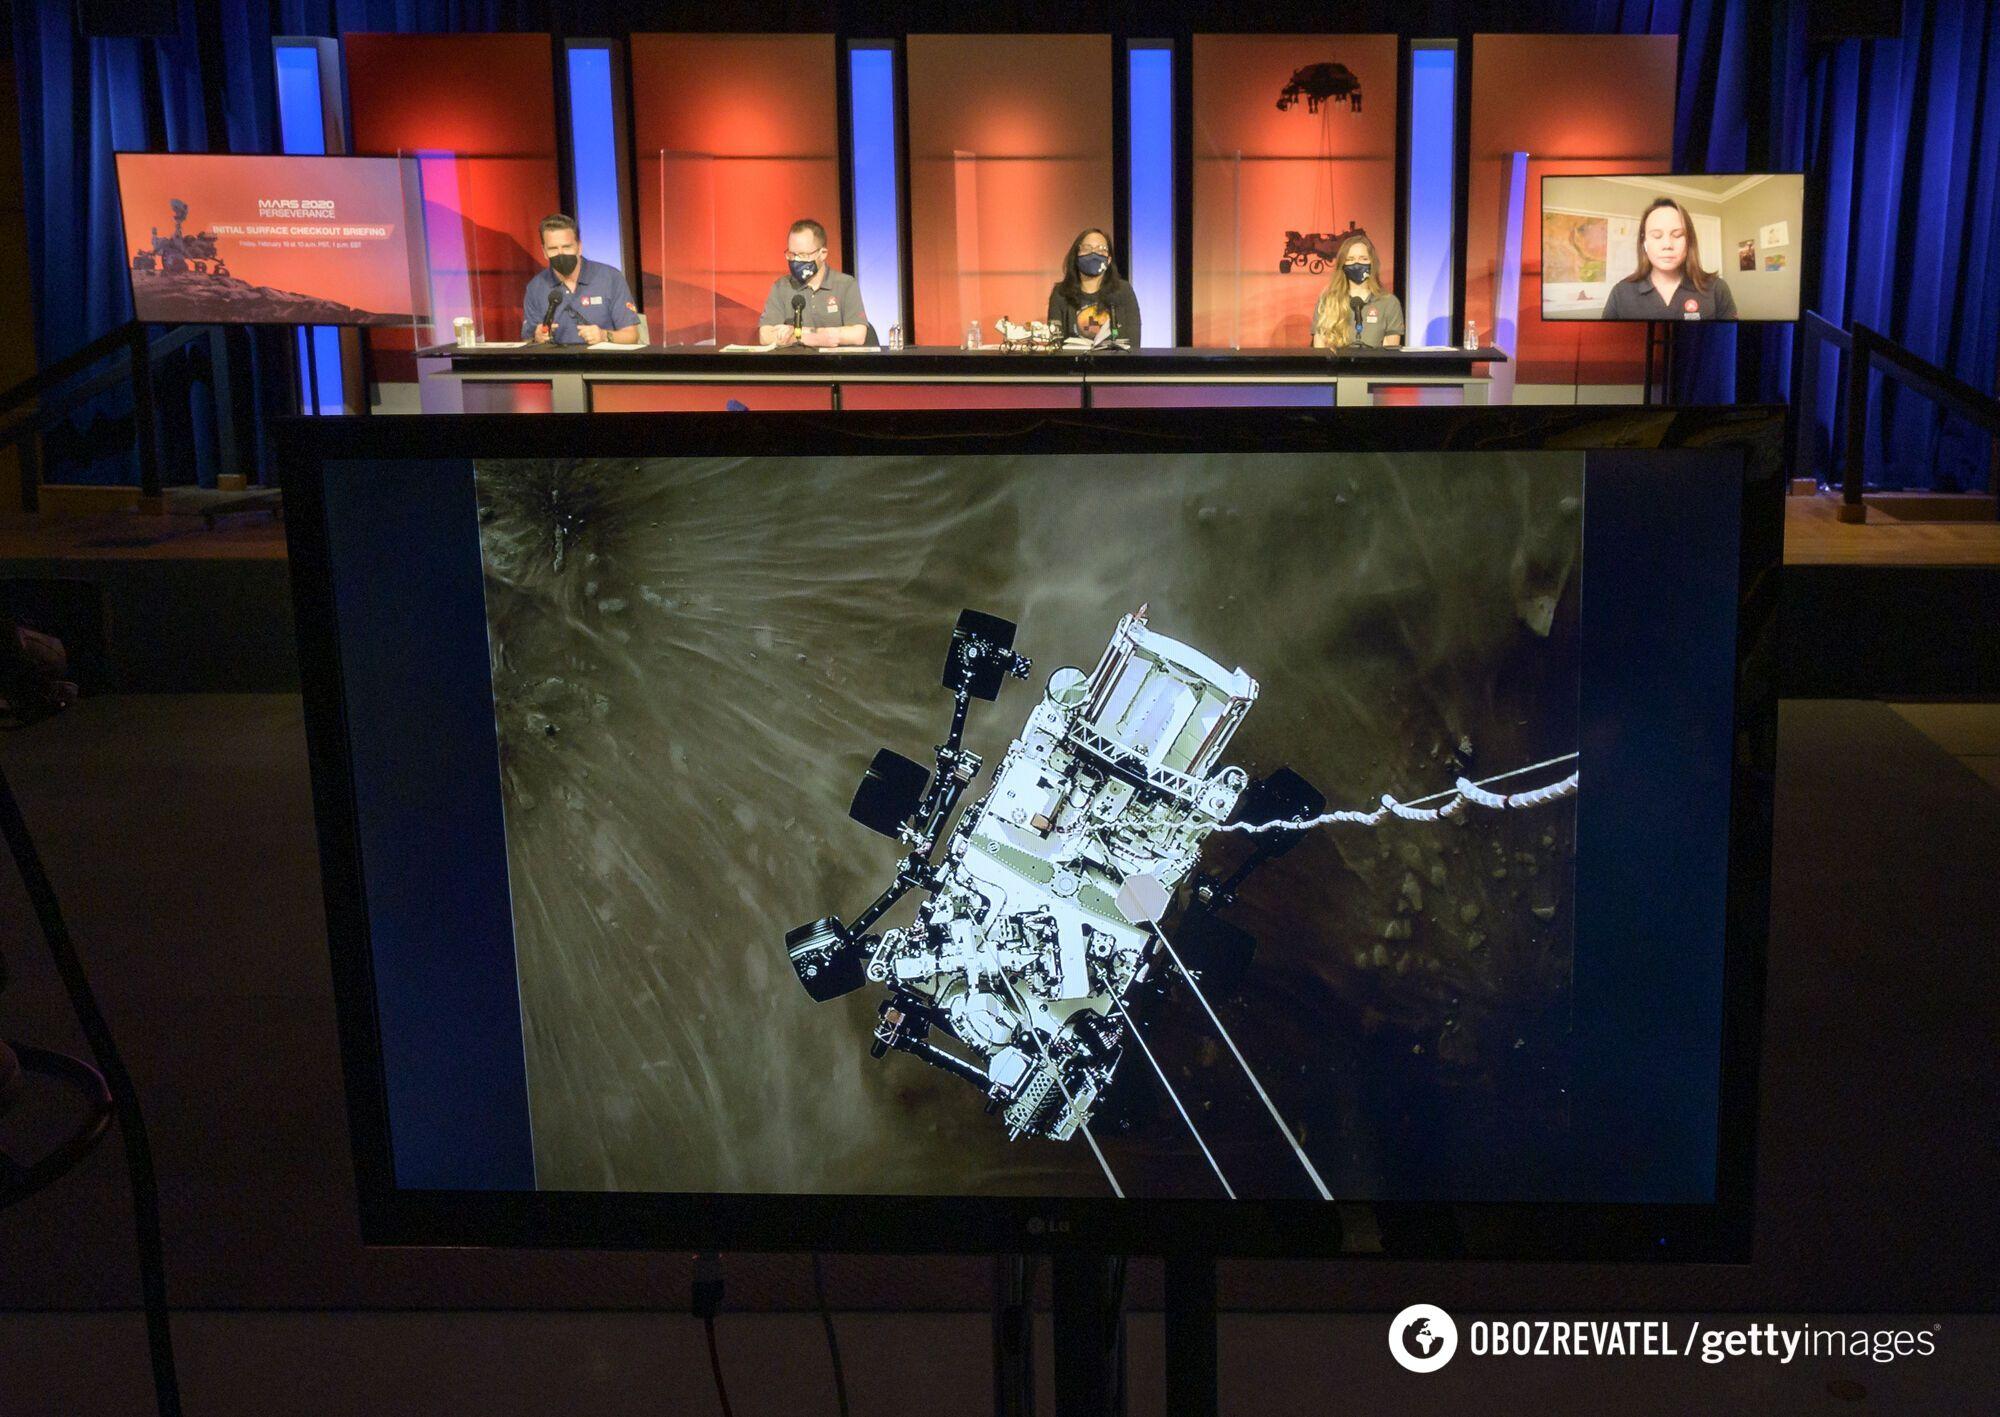 Конференция после высадки Perseverance на Марсе